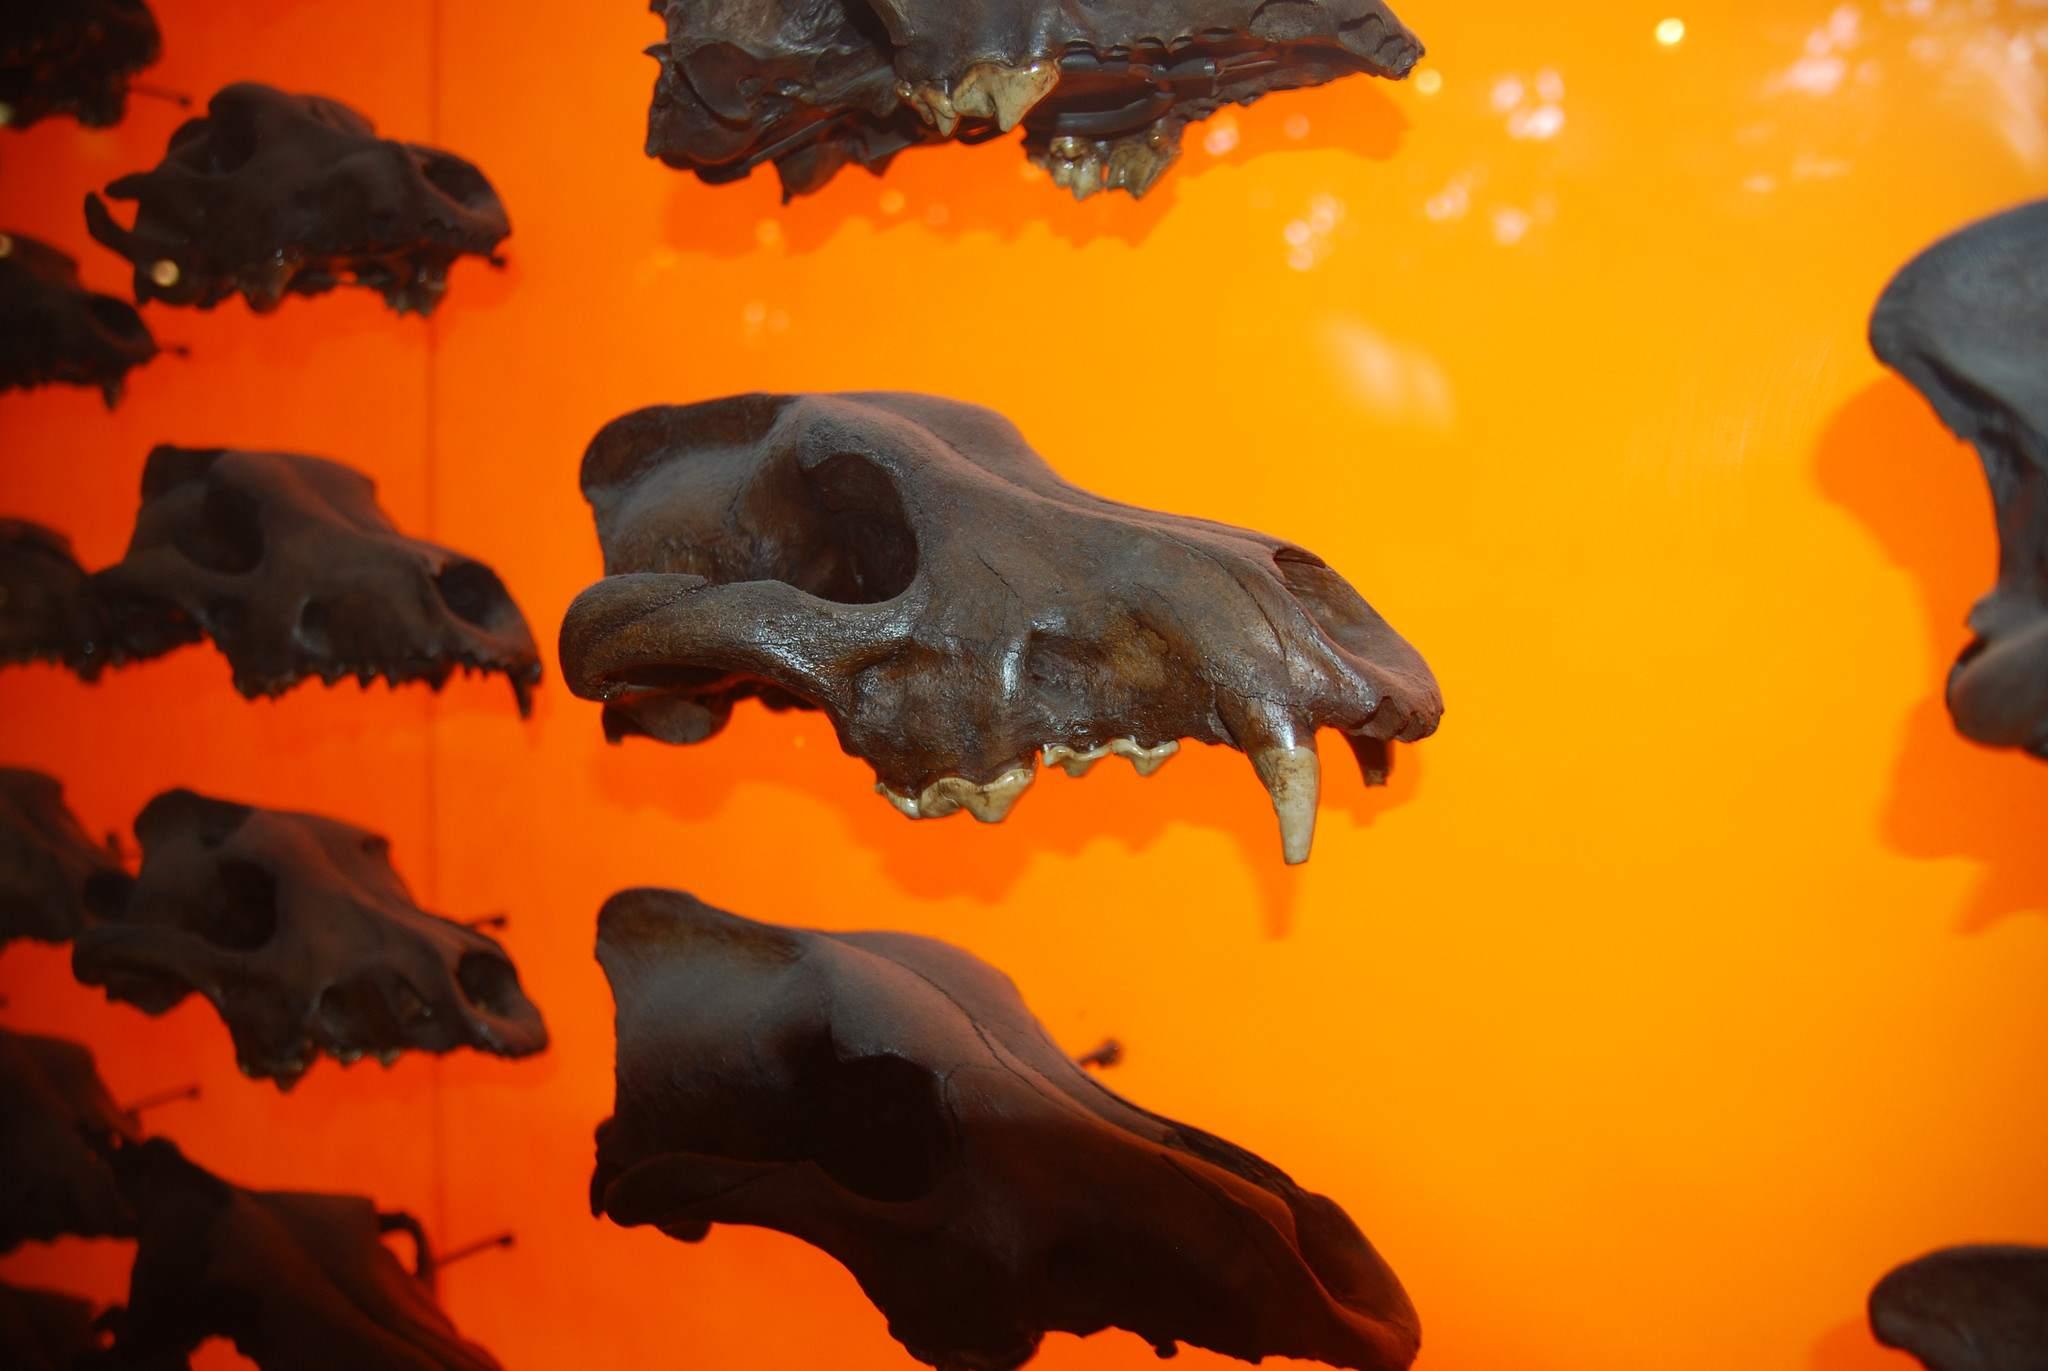 la brea tar pits9 La Brea Tar Pits and Museum in LA